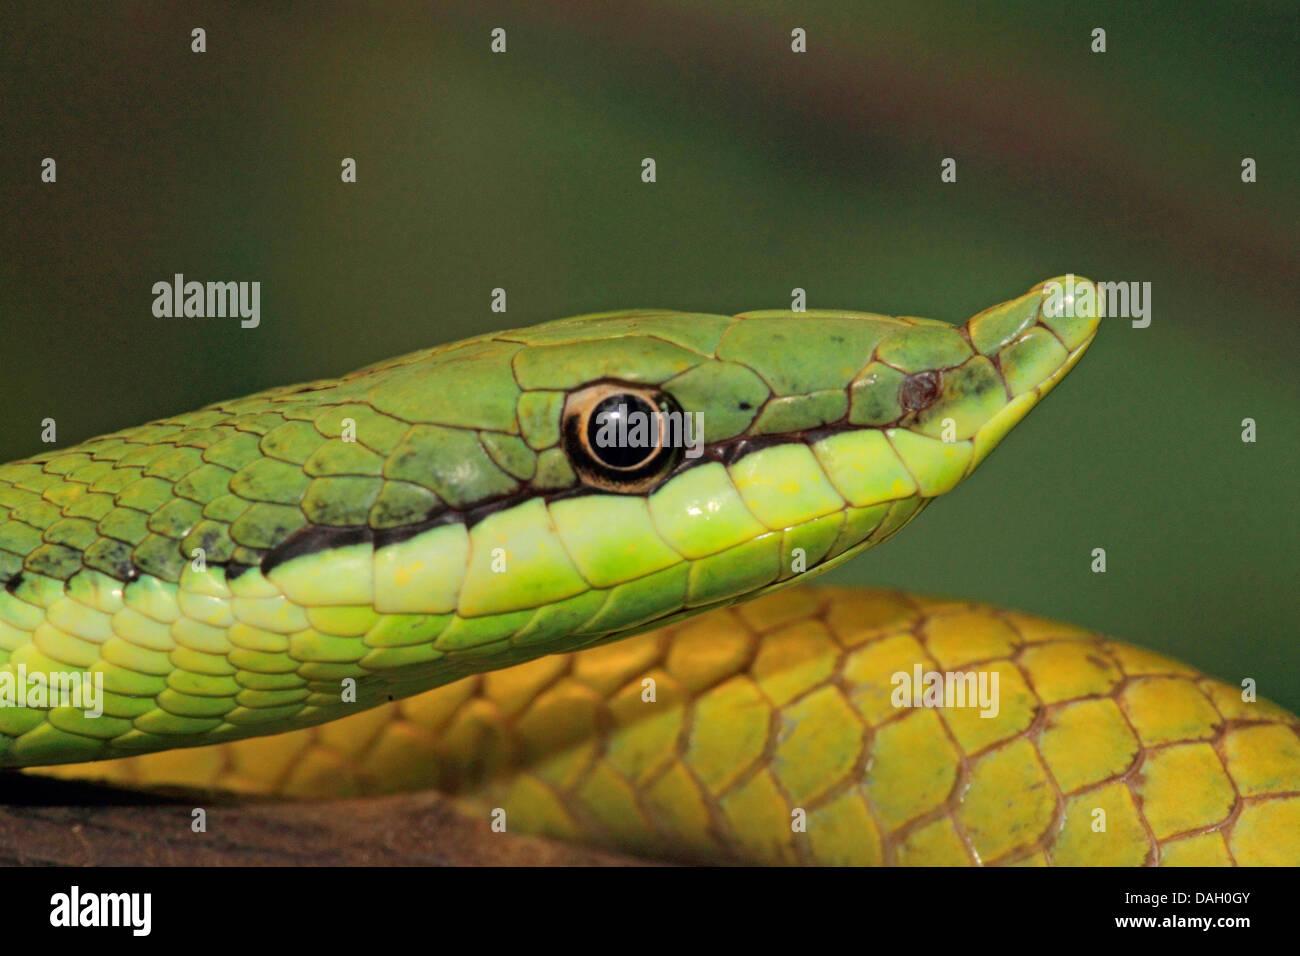 Bec long argentin (serpent Philodryas baroni), portrait Banque D'Images